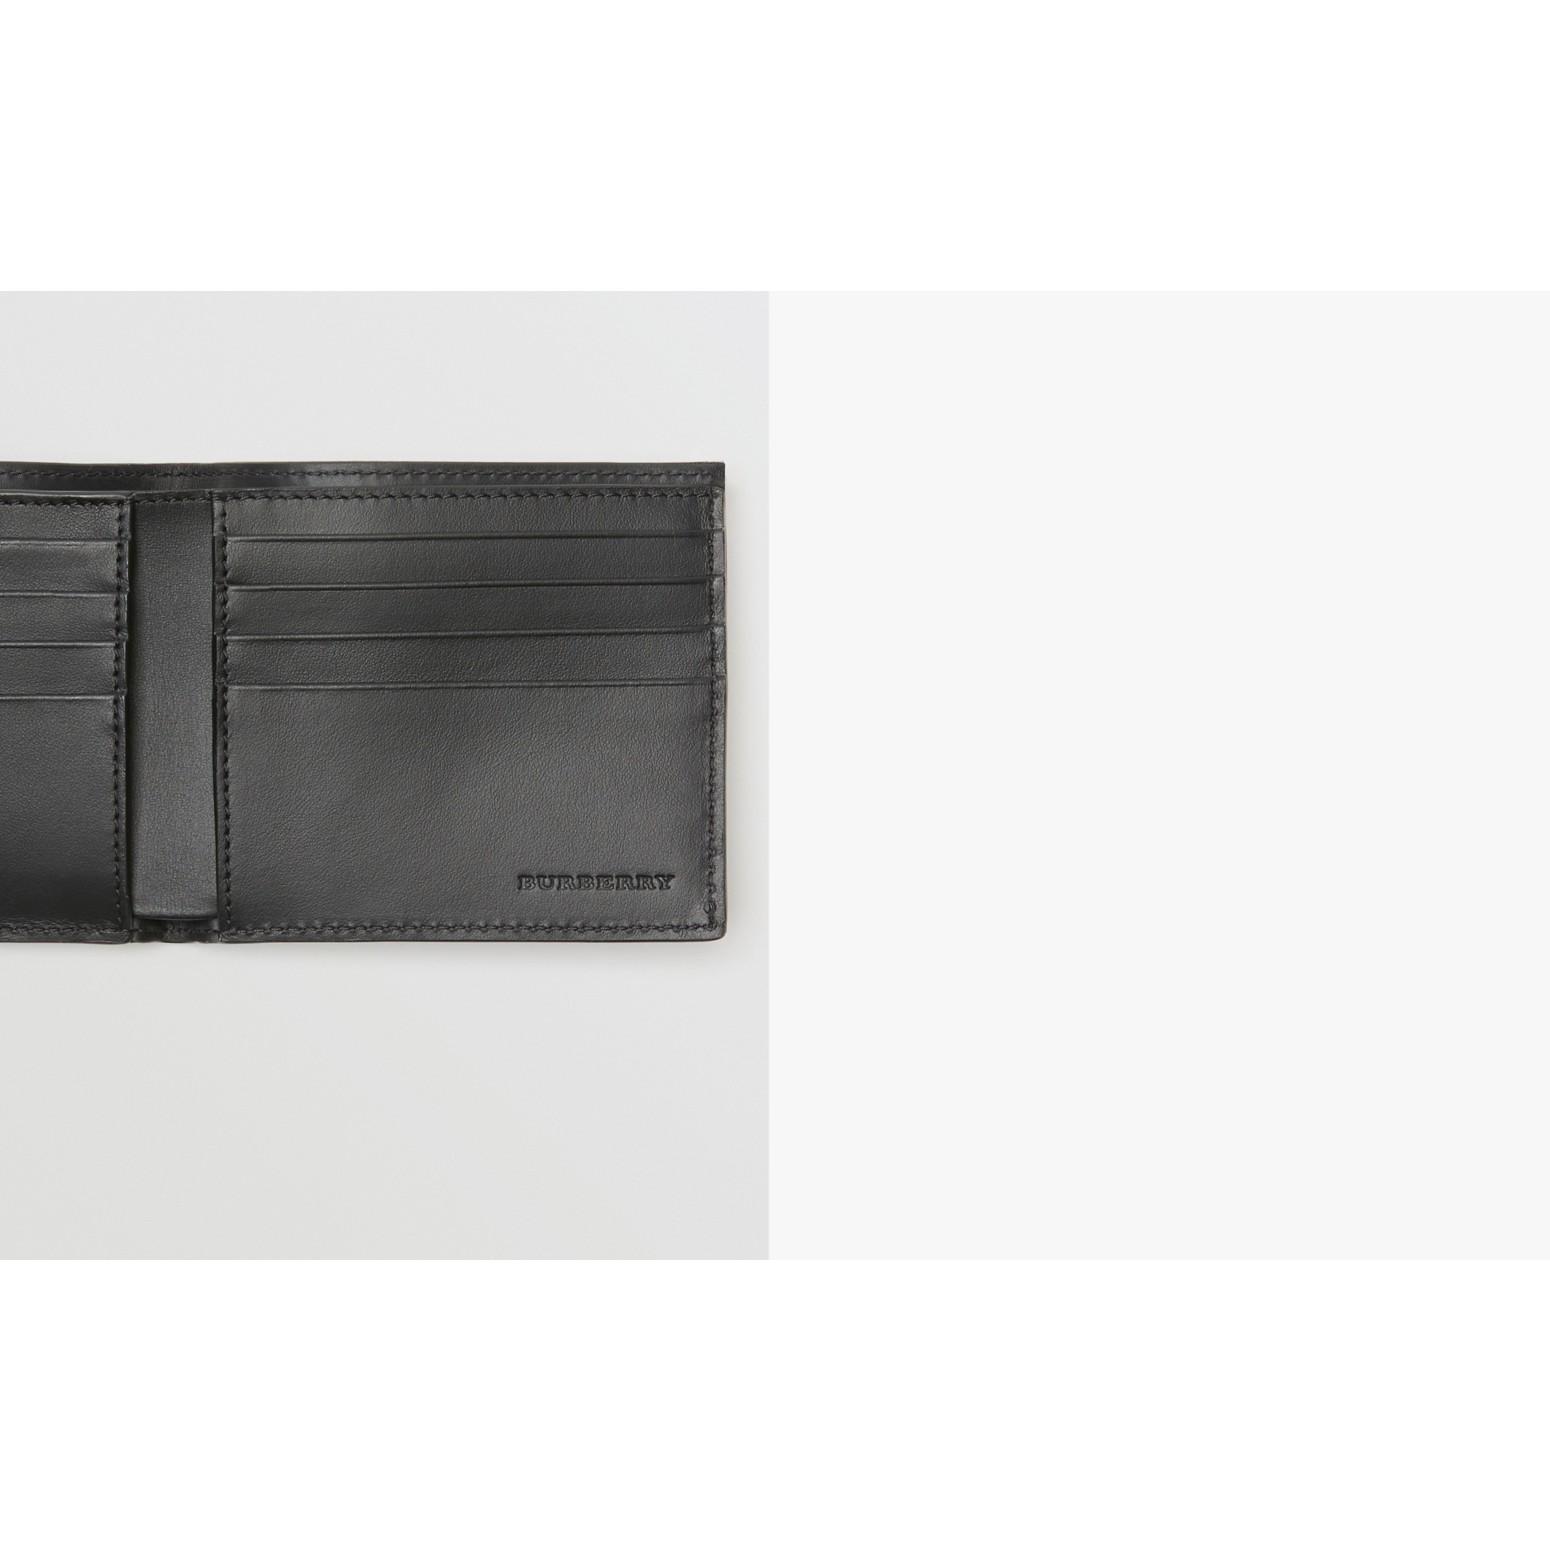 Portefeuille à rabat multidevise en cuir à motif check perforé (Noir) - Homme | Burberry - photo de la galerie 1